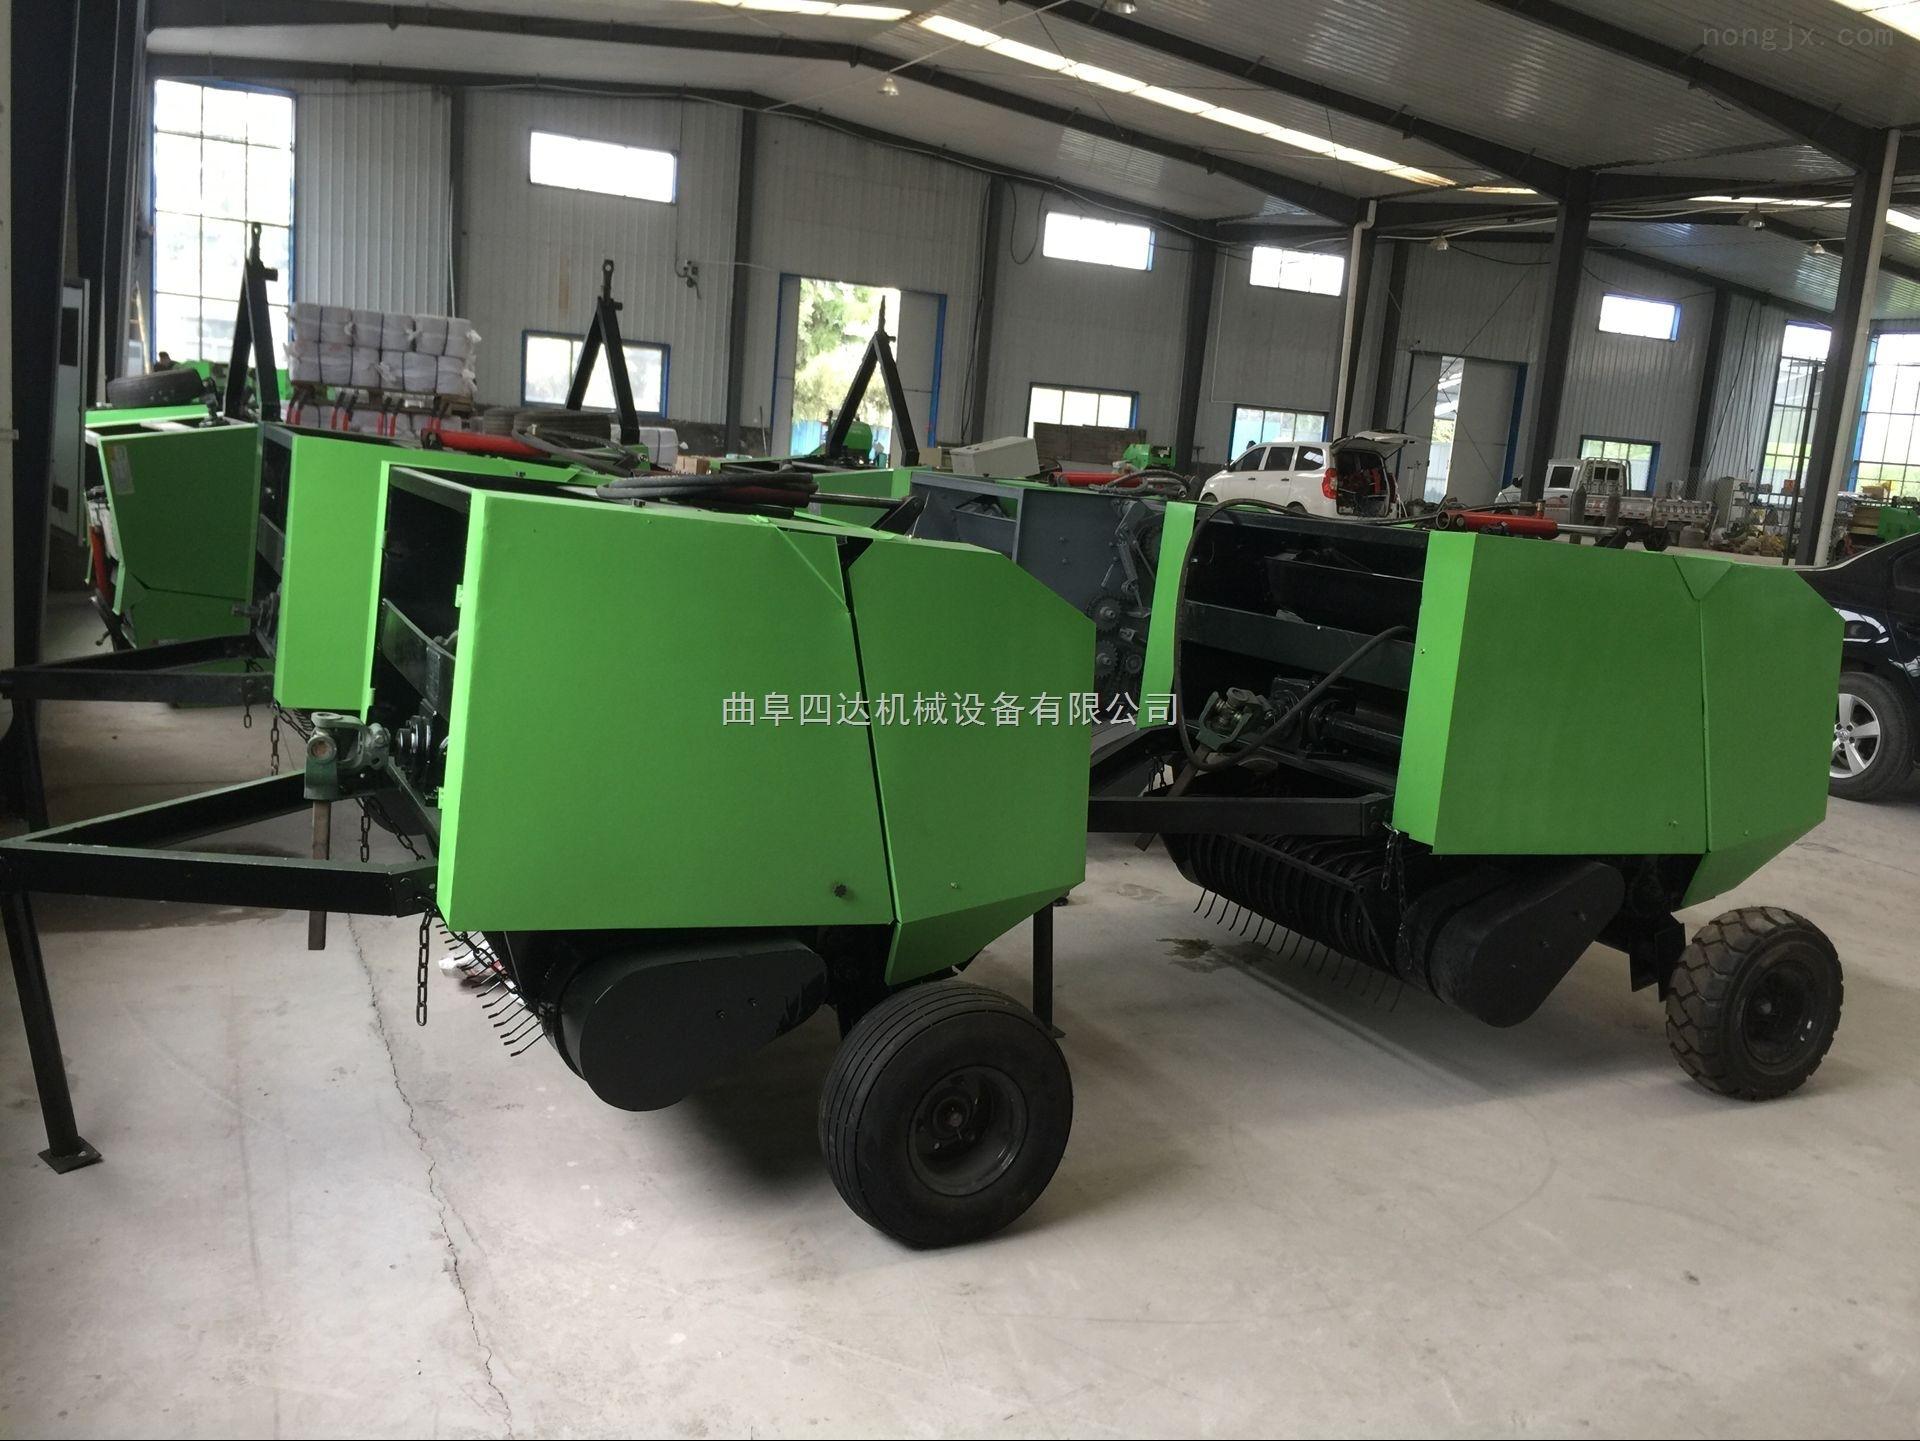 小四轮拖拉机带的玉米秸秆打捆机